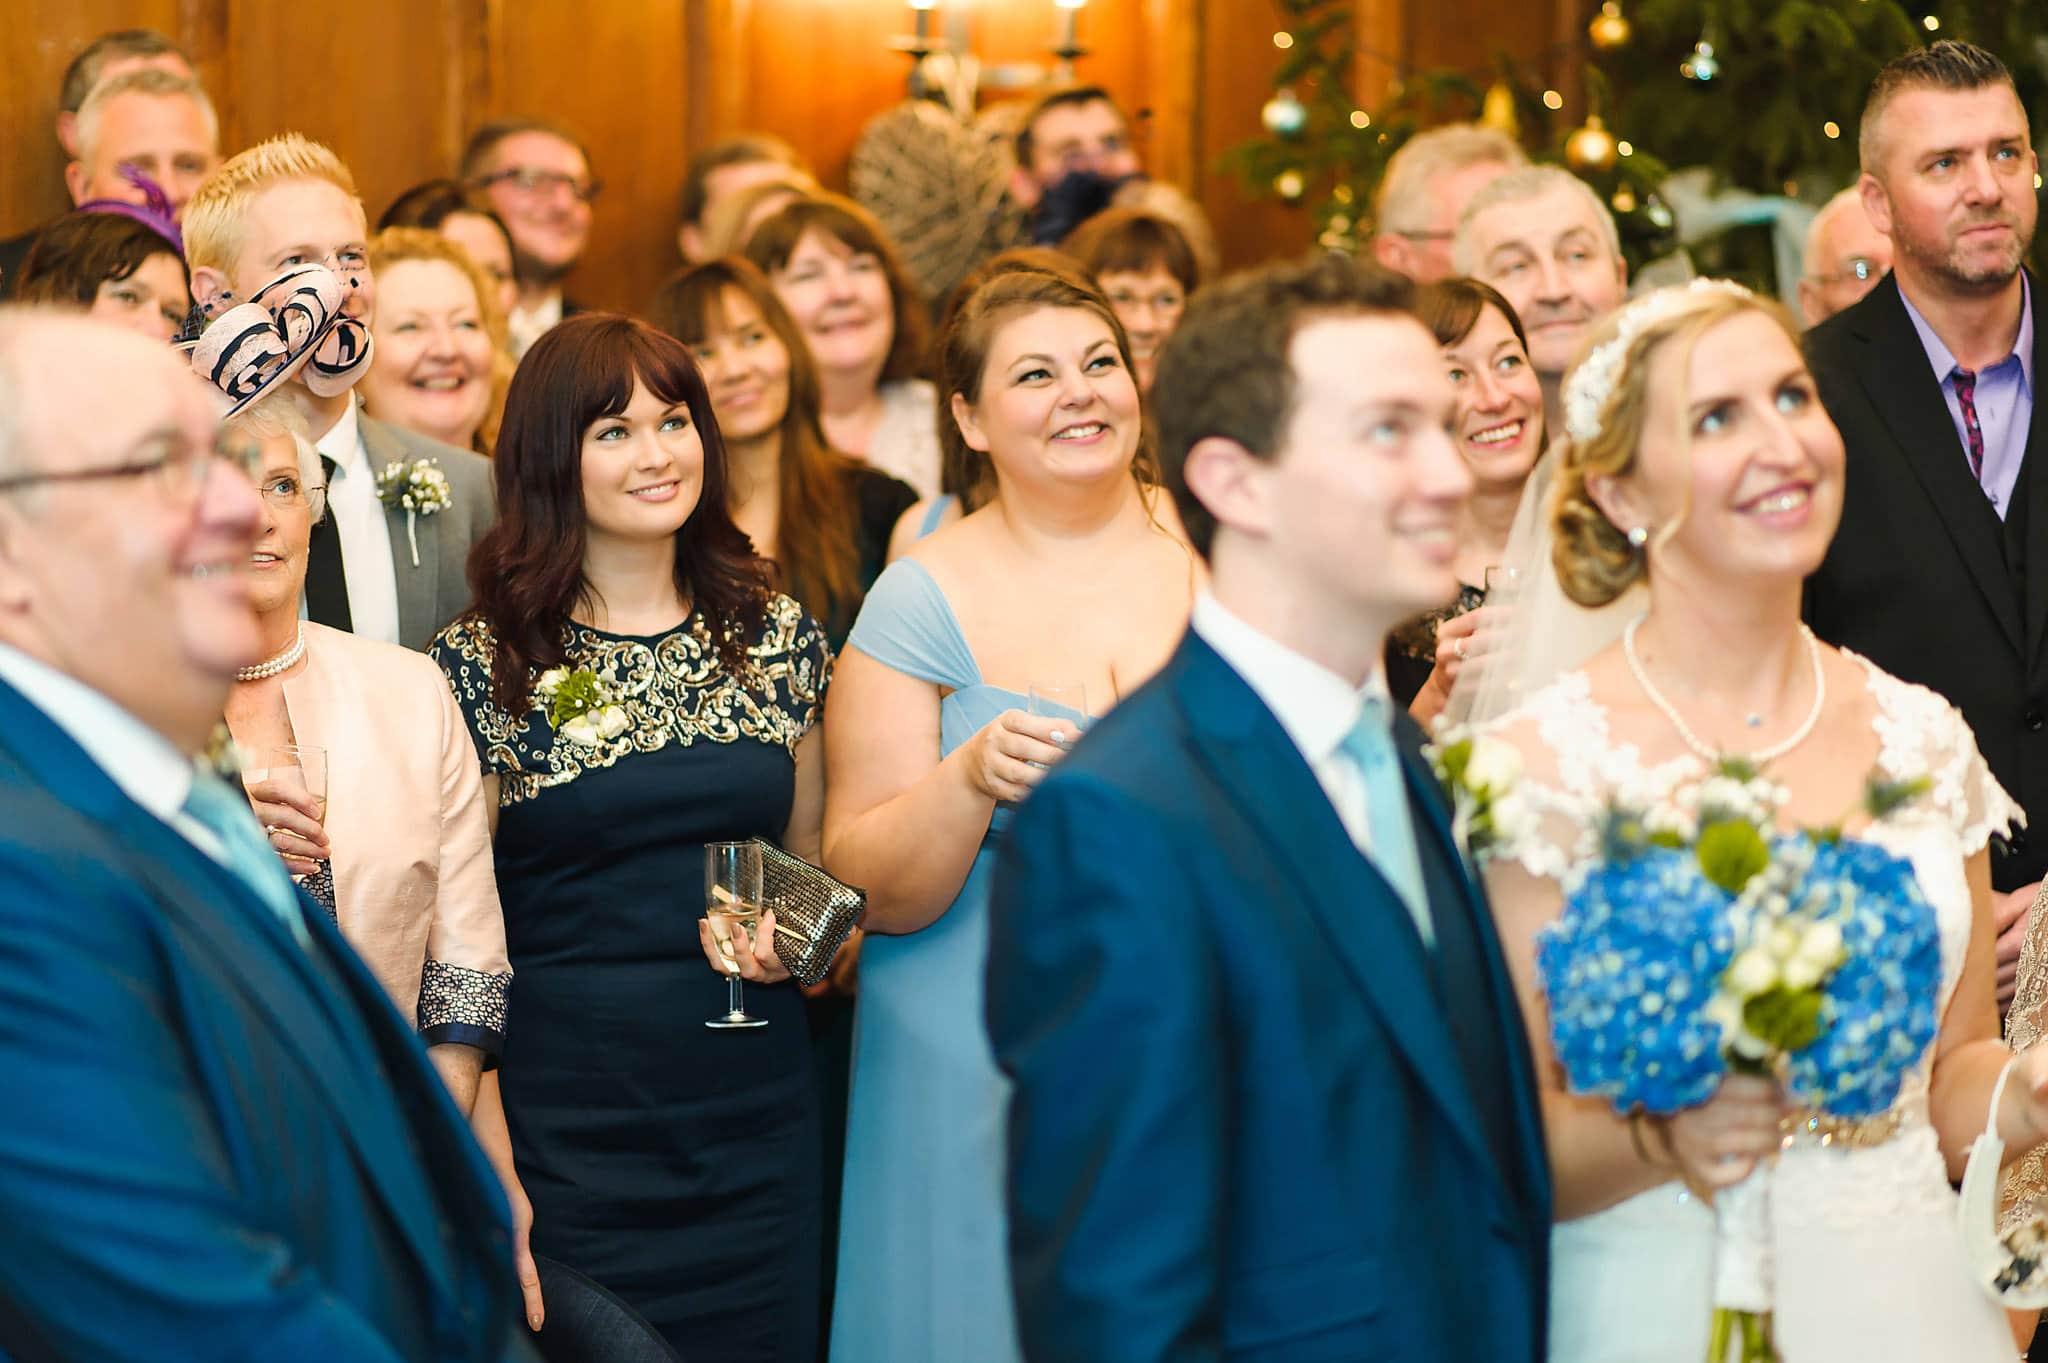 deer park hall wedding 72 - Deer Park Hall - Wedding Photography West Midlands